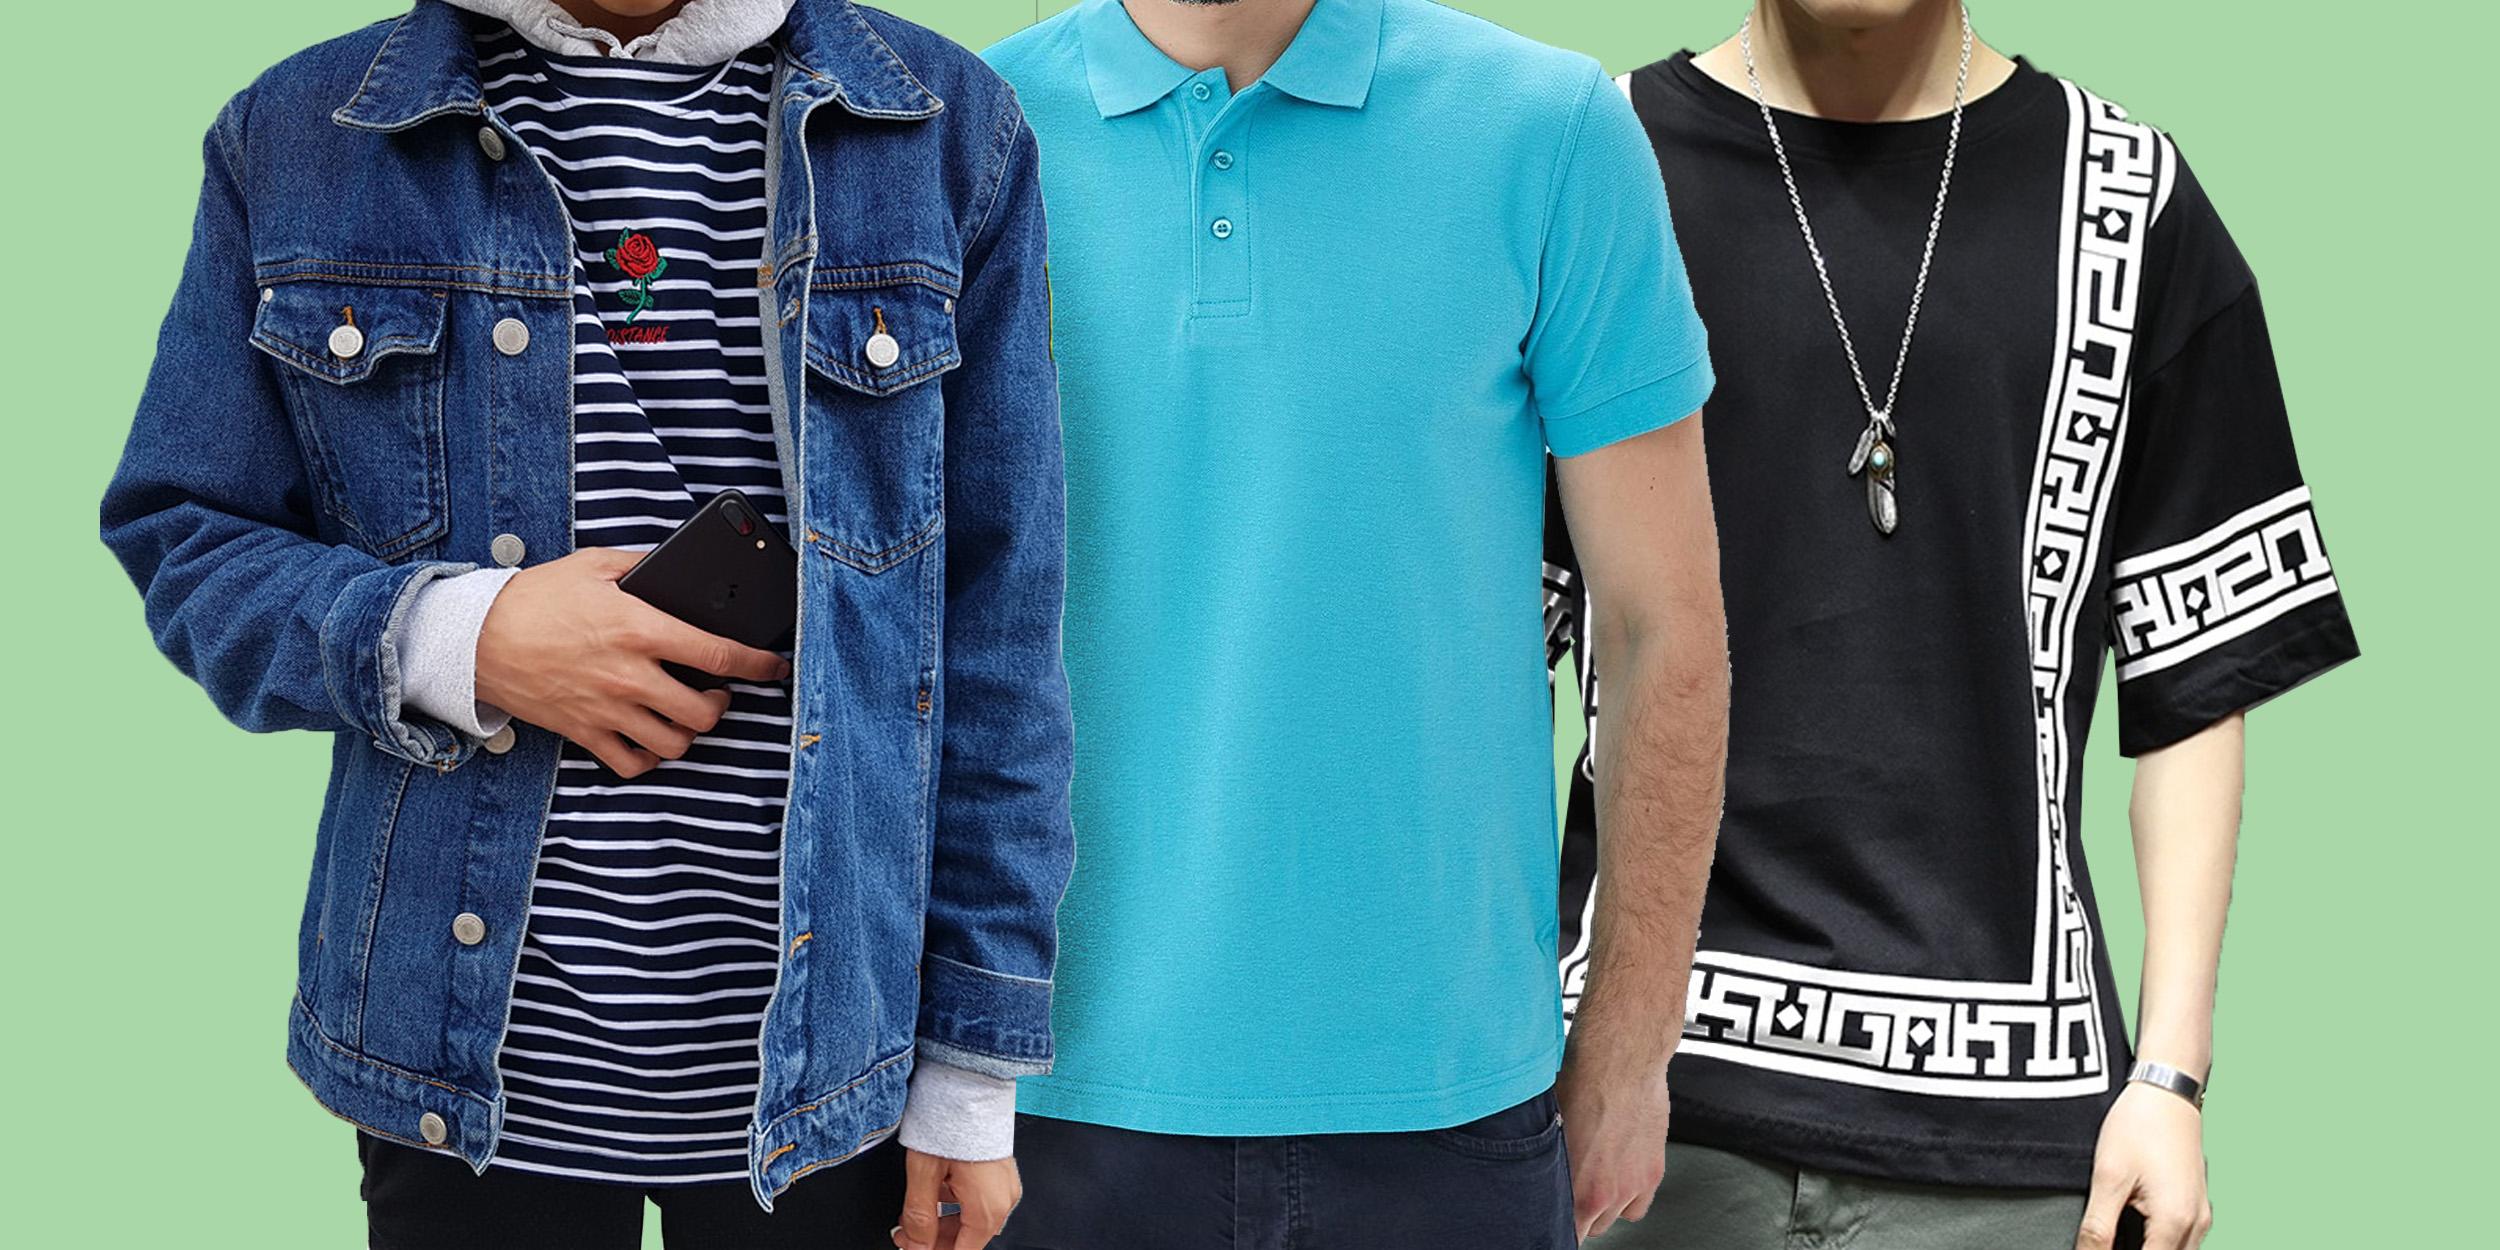 115fdeda9ae 26 крутых мужских футболок с AliExpress и из других магазинов - Лайфхакер